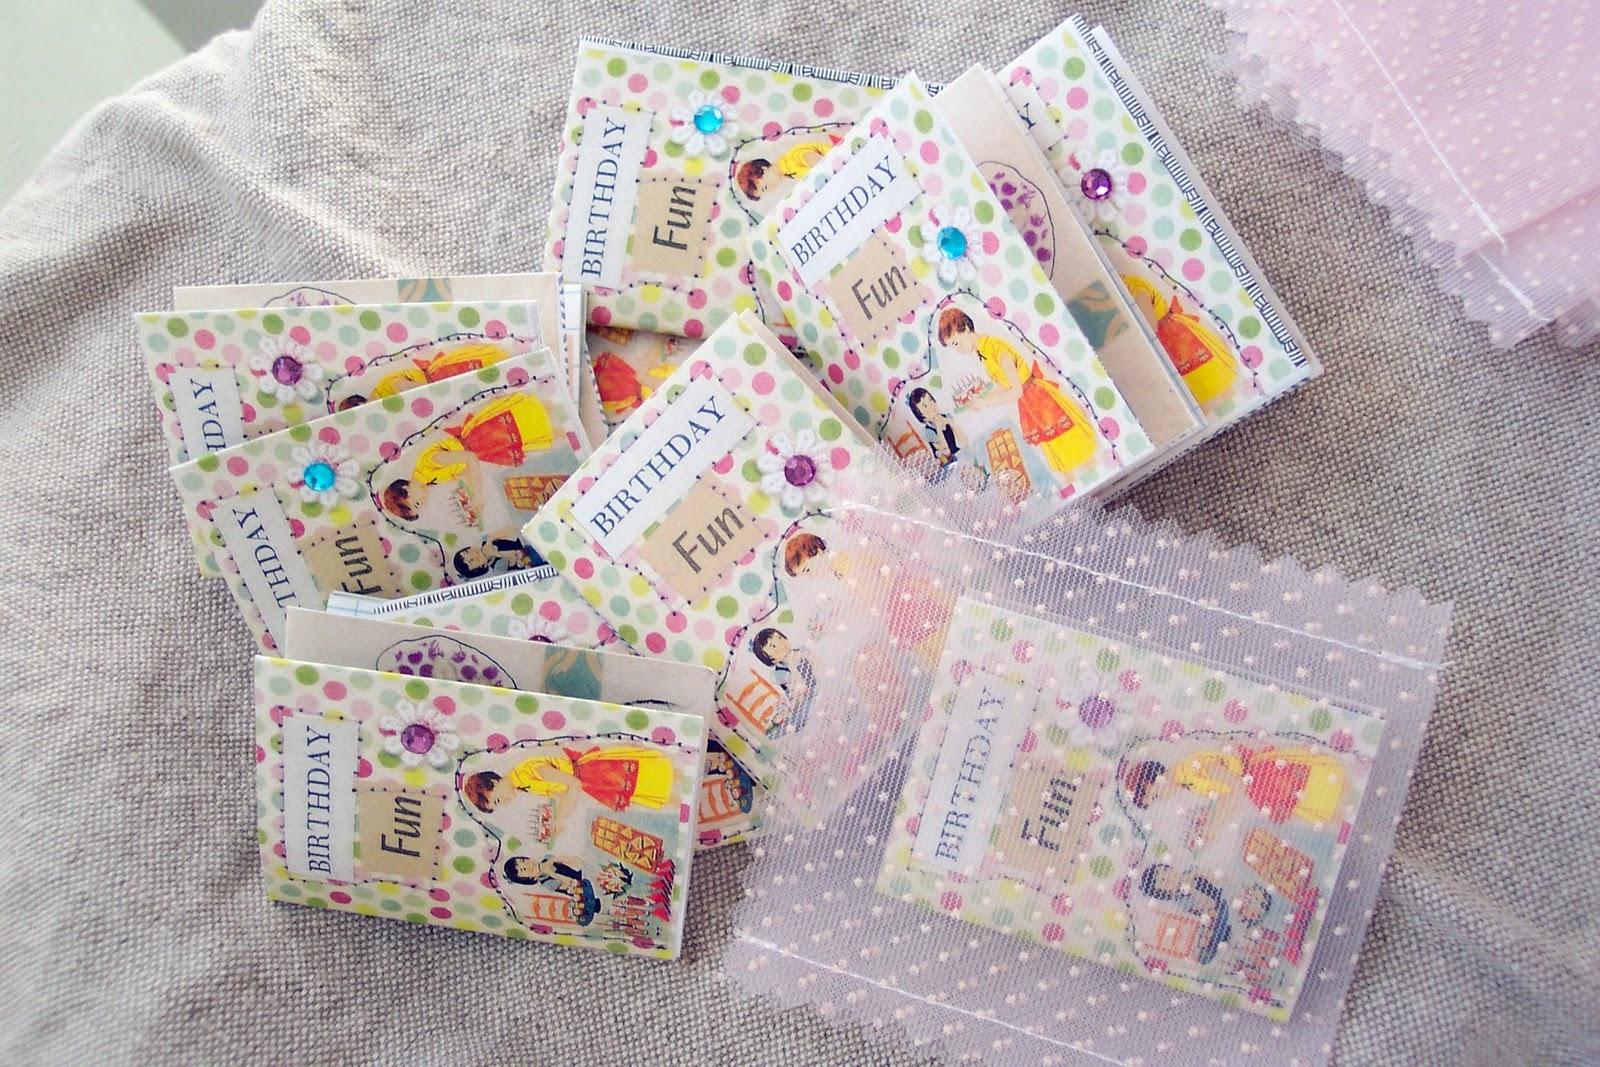 http://4.bp.blogspot.com/-dQNSxjLK3uk/TpmUKaoIqMI/AAAAAAAACGo/k9JR2nmE1F4/s1600/birthday+books.jpg